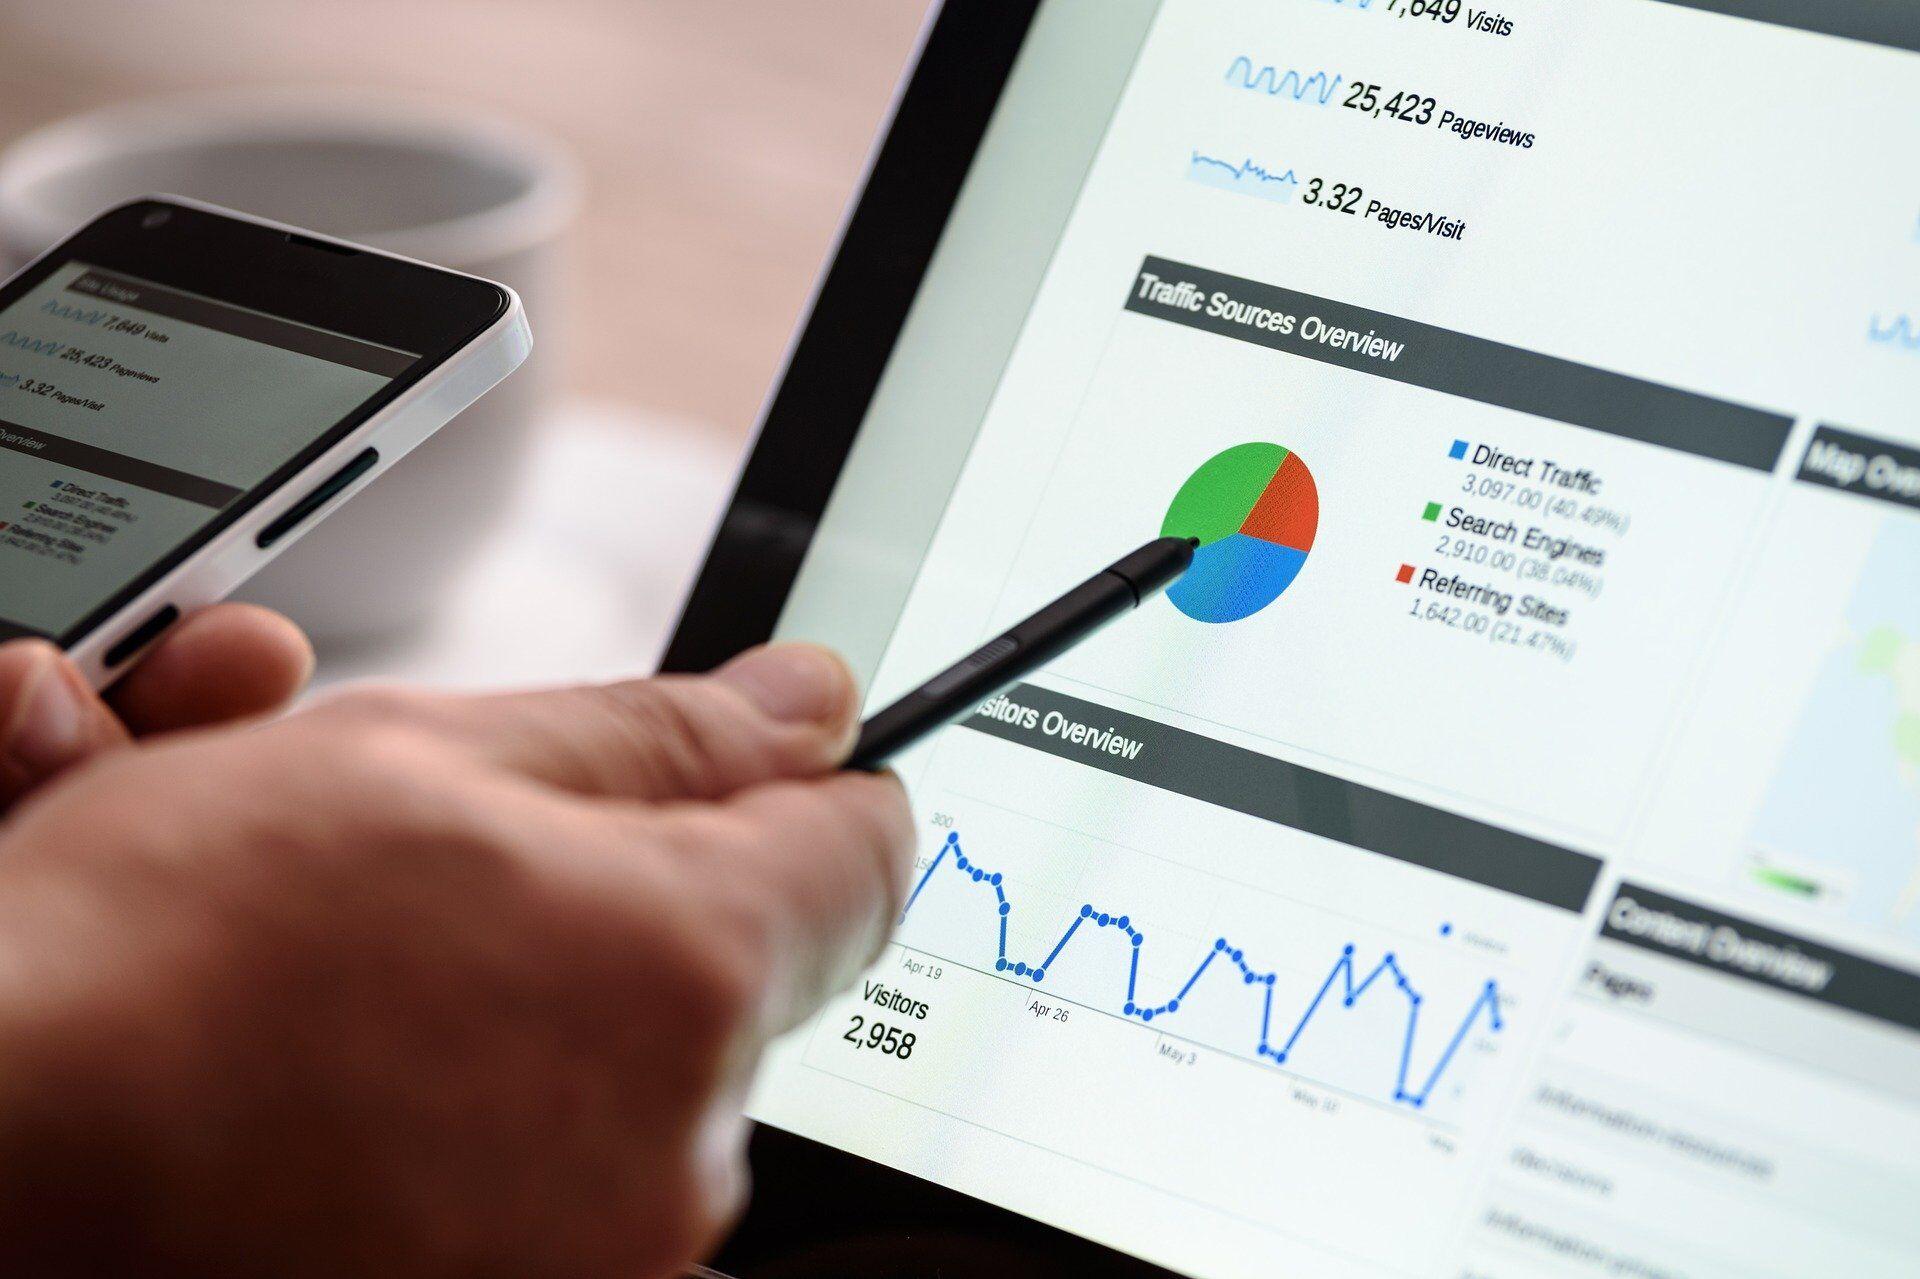 [마소캠퍼스] 2021년 검색: 광고주 및 마케팅 담당자를 위해 알아야 할 5가지 정보